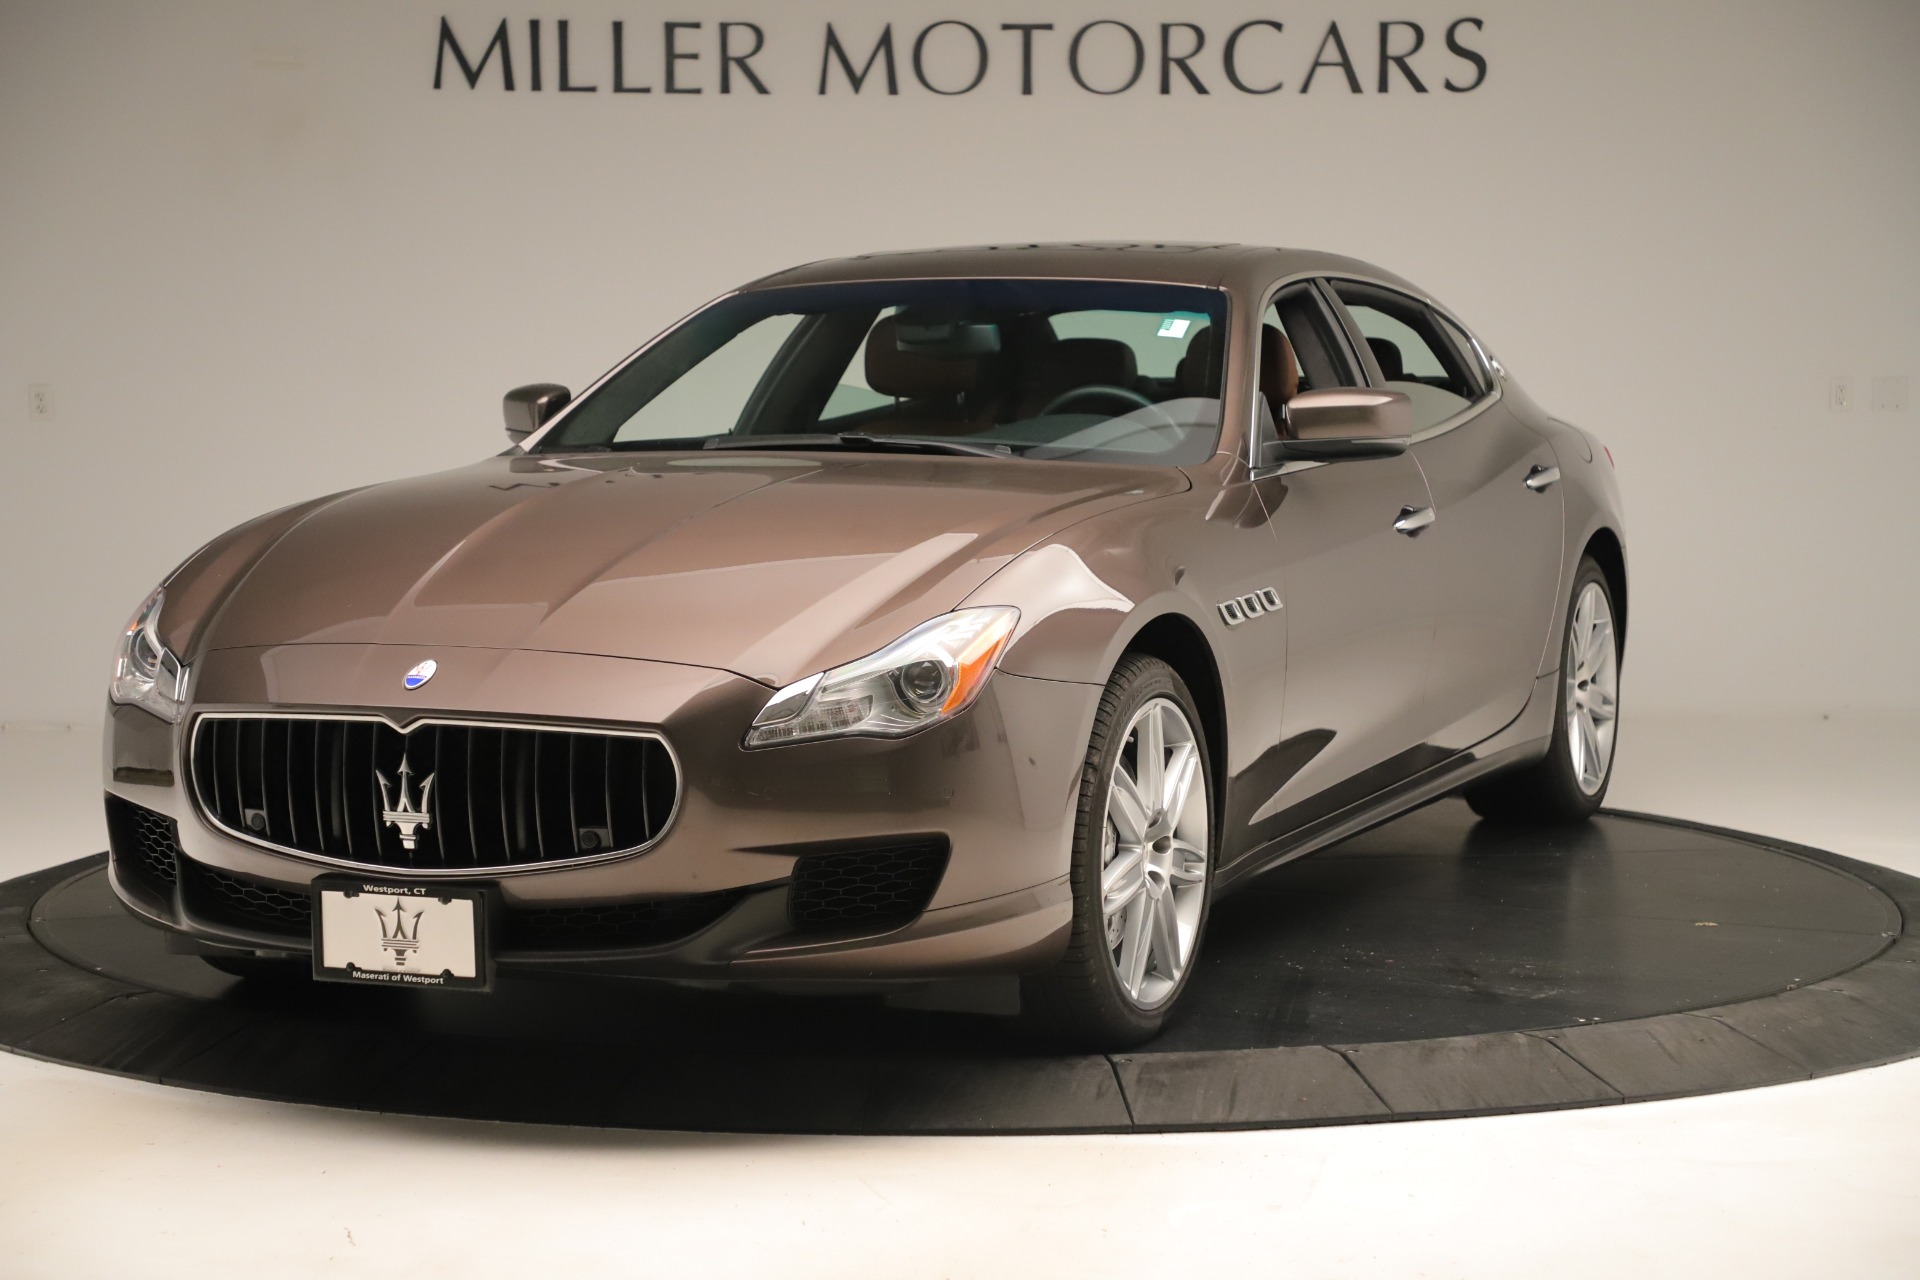 Used 2014 Maserati Quattroporte S Q4 for sale Sold at Alfa Romeo of Westport in Westport CT 06880 1